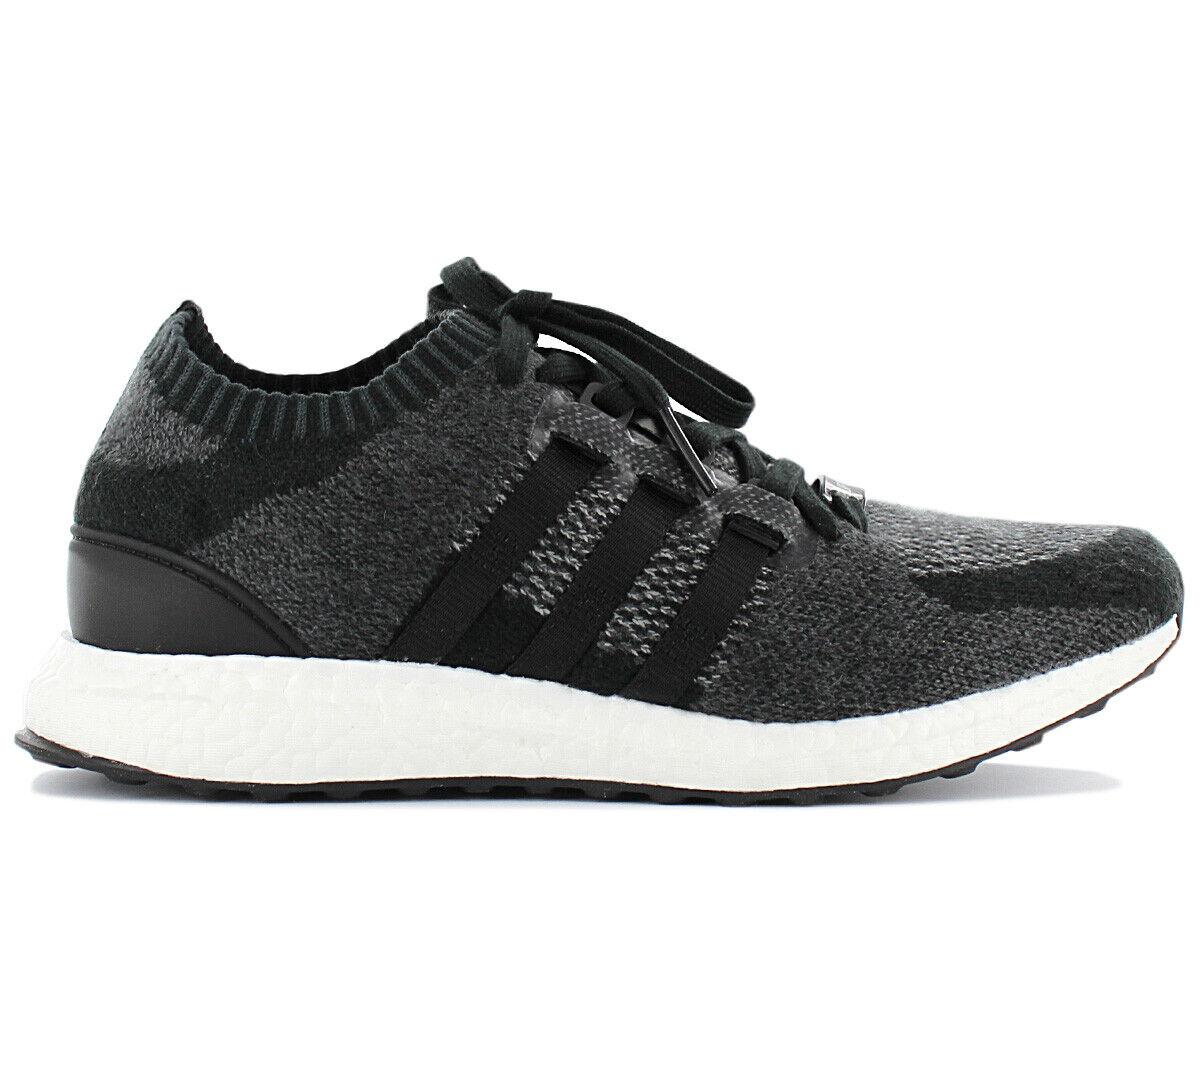 Adidas Originals equipment EQT support ultra Boost PK primeknit bb1241 cortos